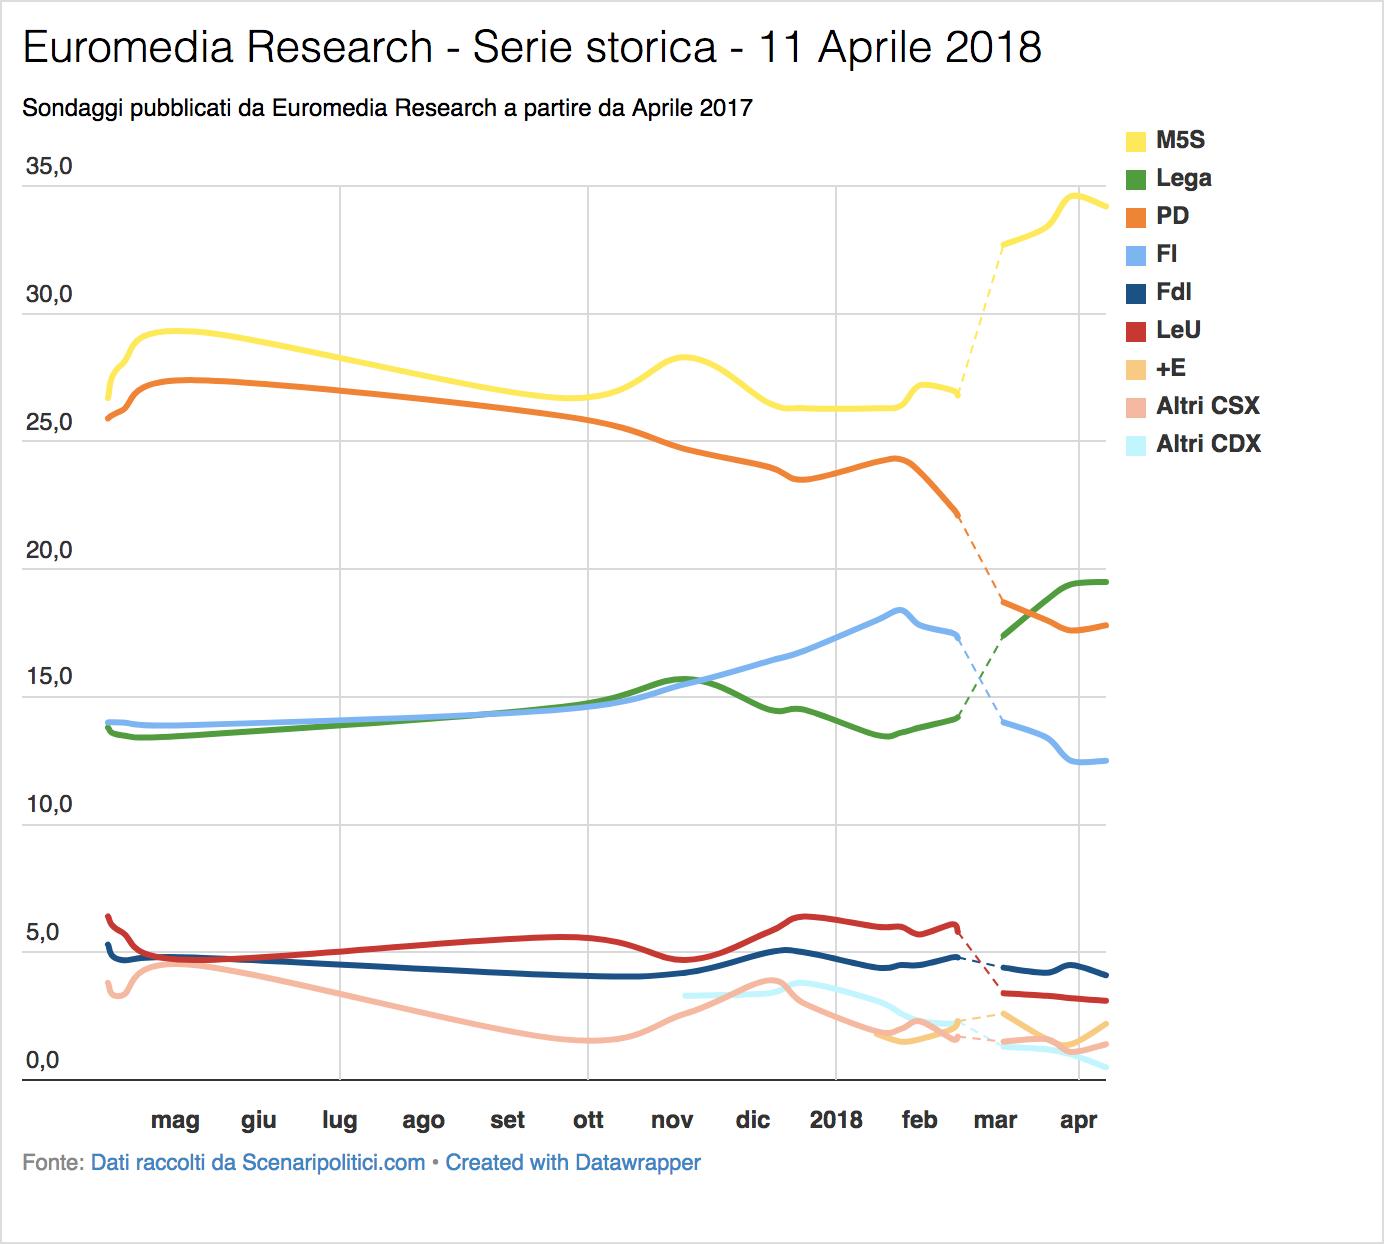 Sondaggio Euromedia Research (11 Aprile 2018)